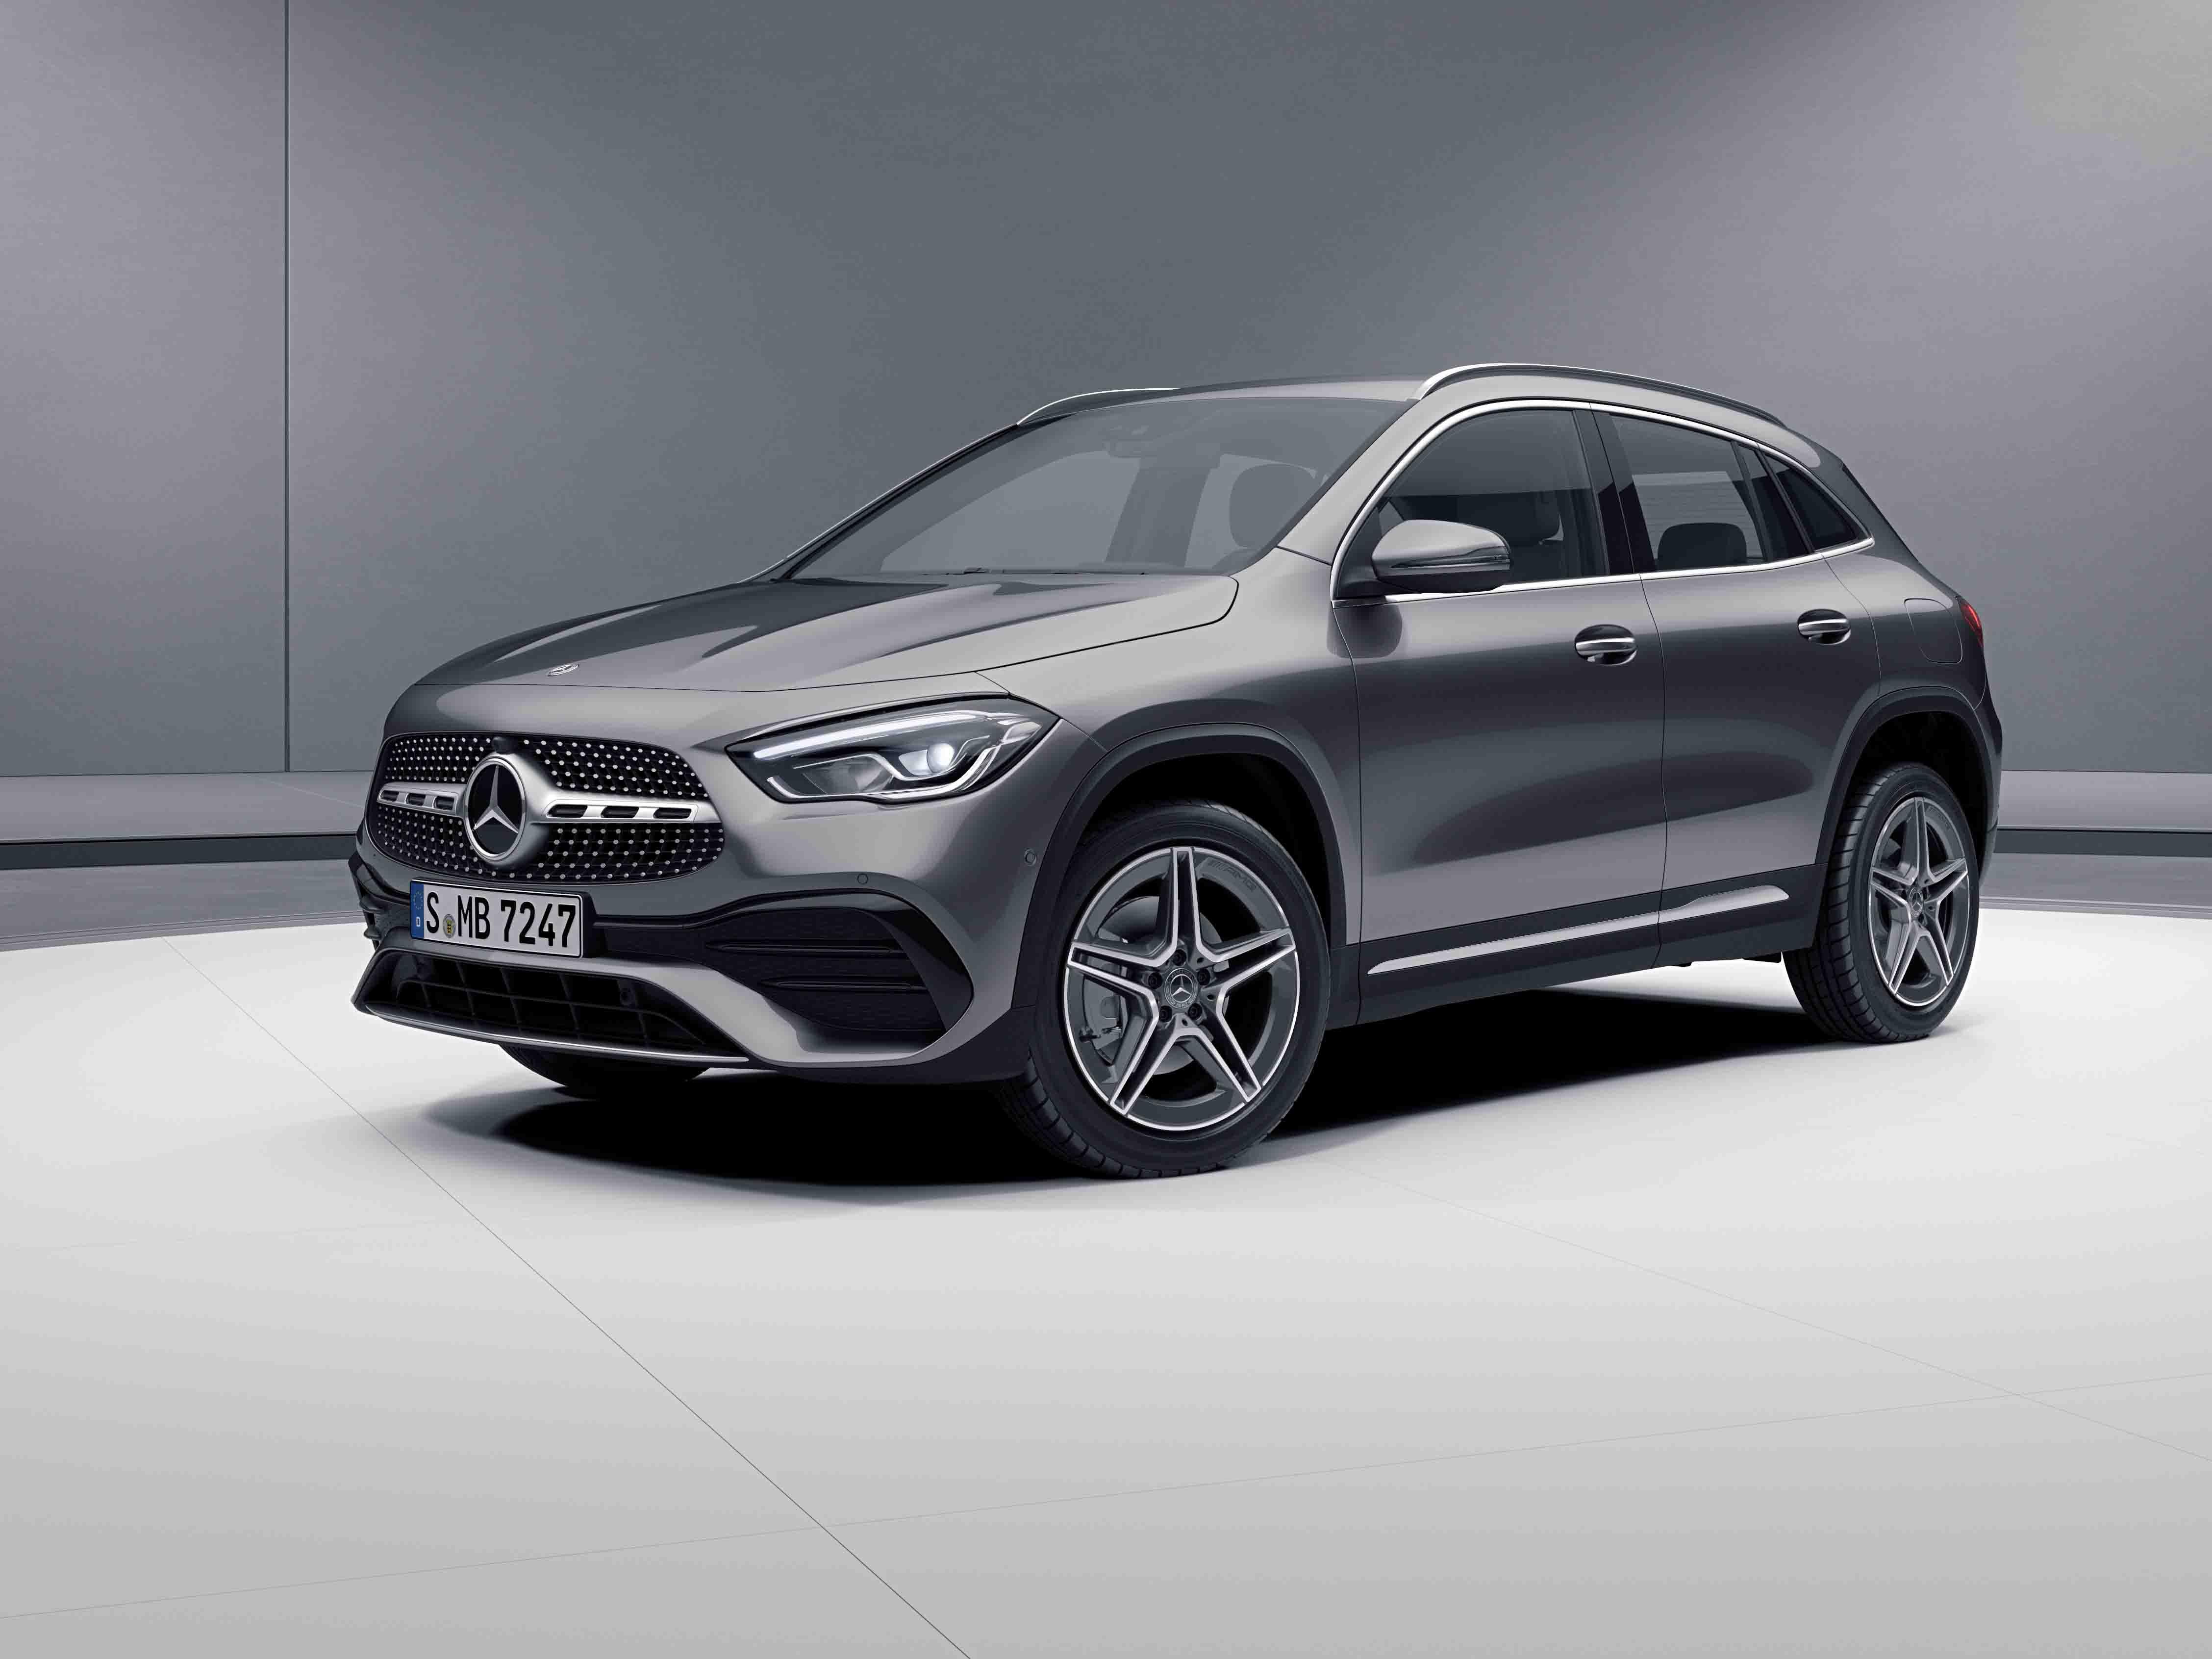 Vue de trois quarts de profil de la Mercedes GLA avec la peinture Métallisé - gris montagne